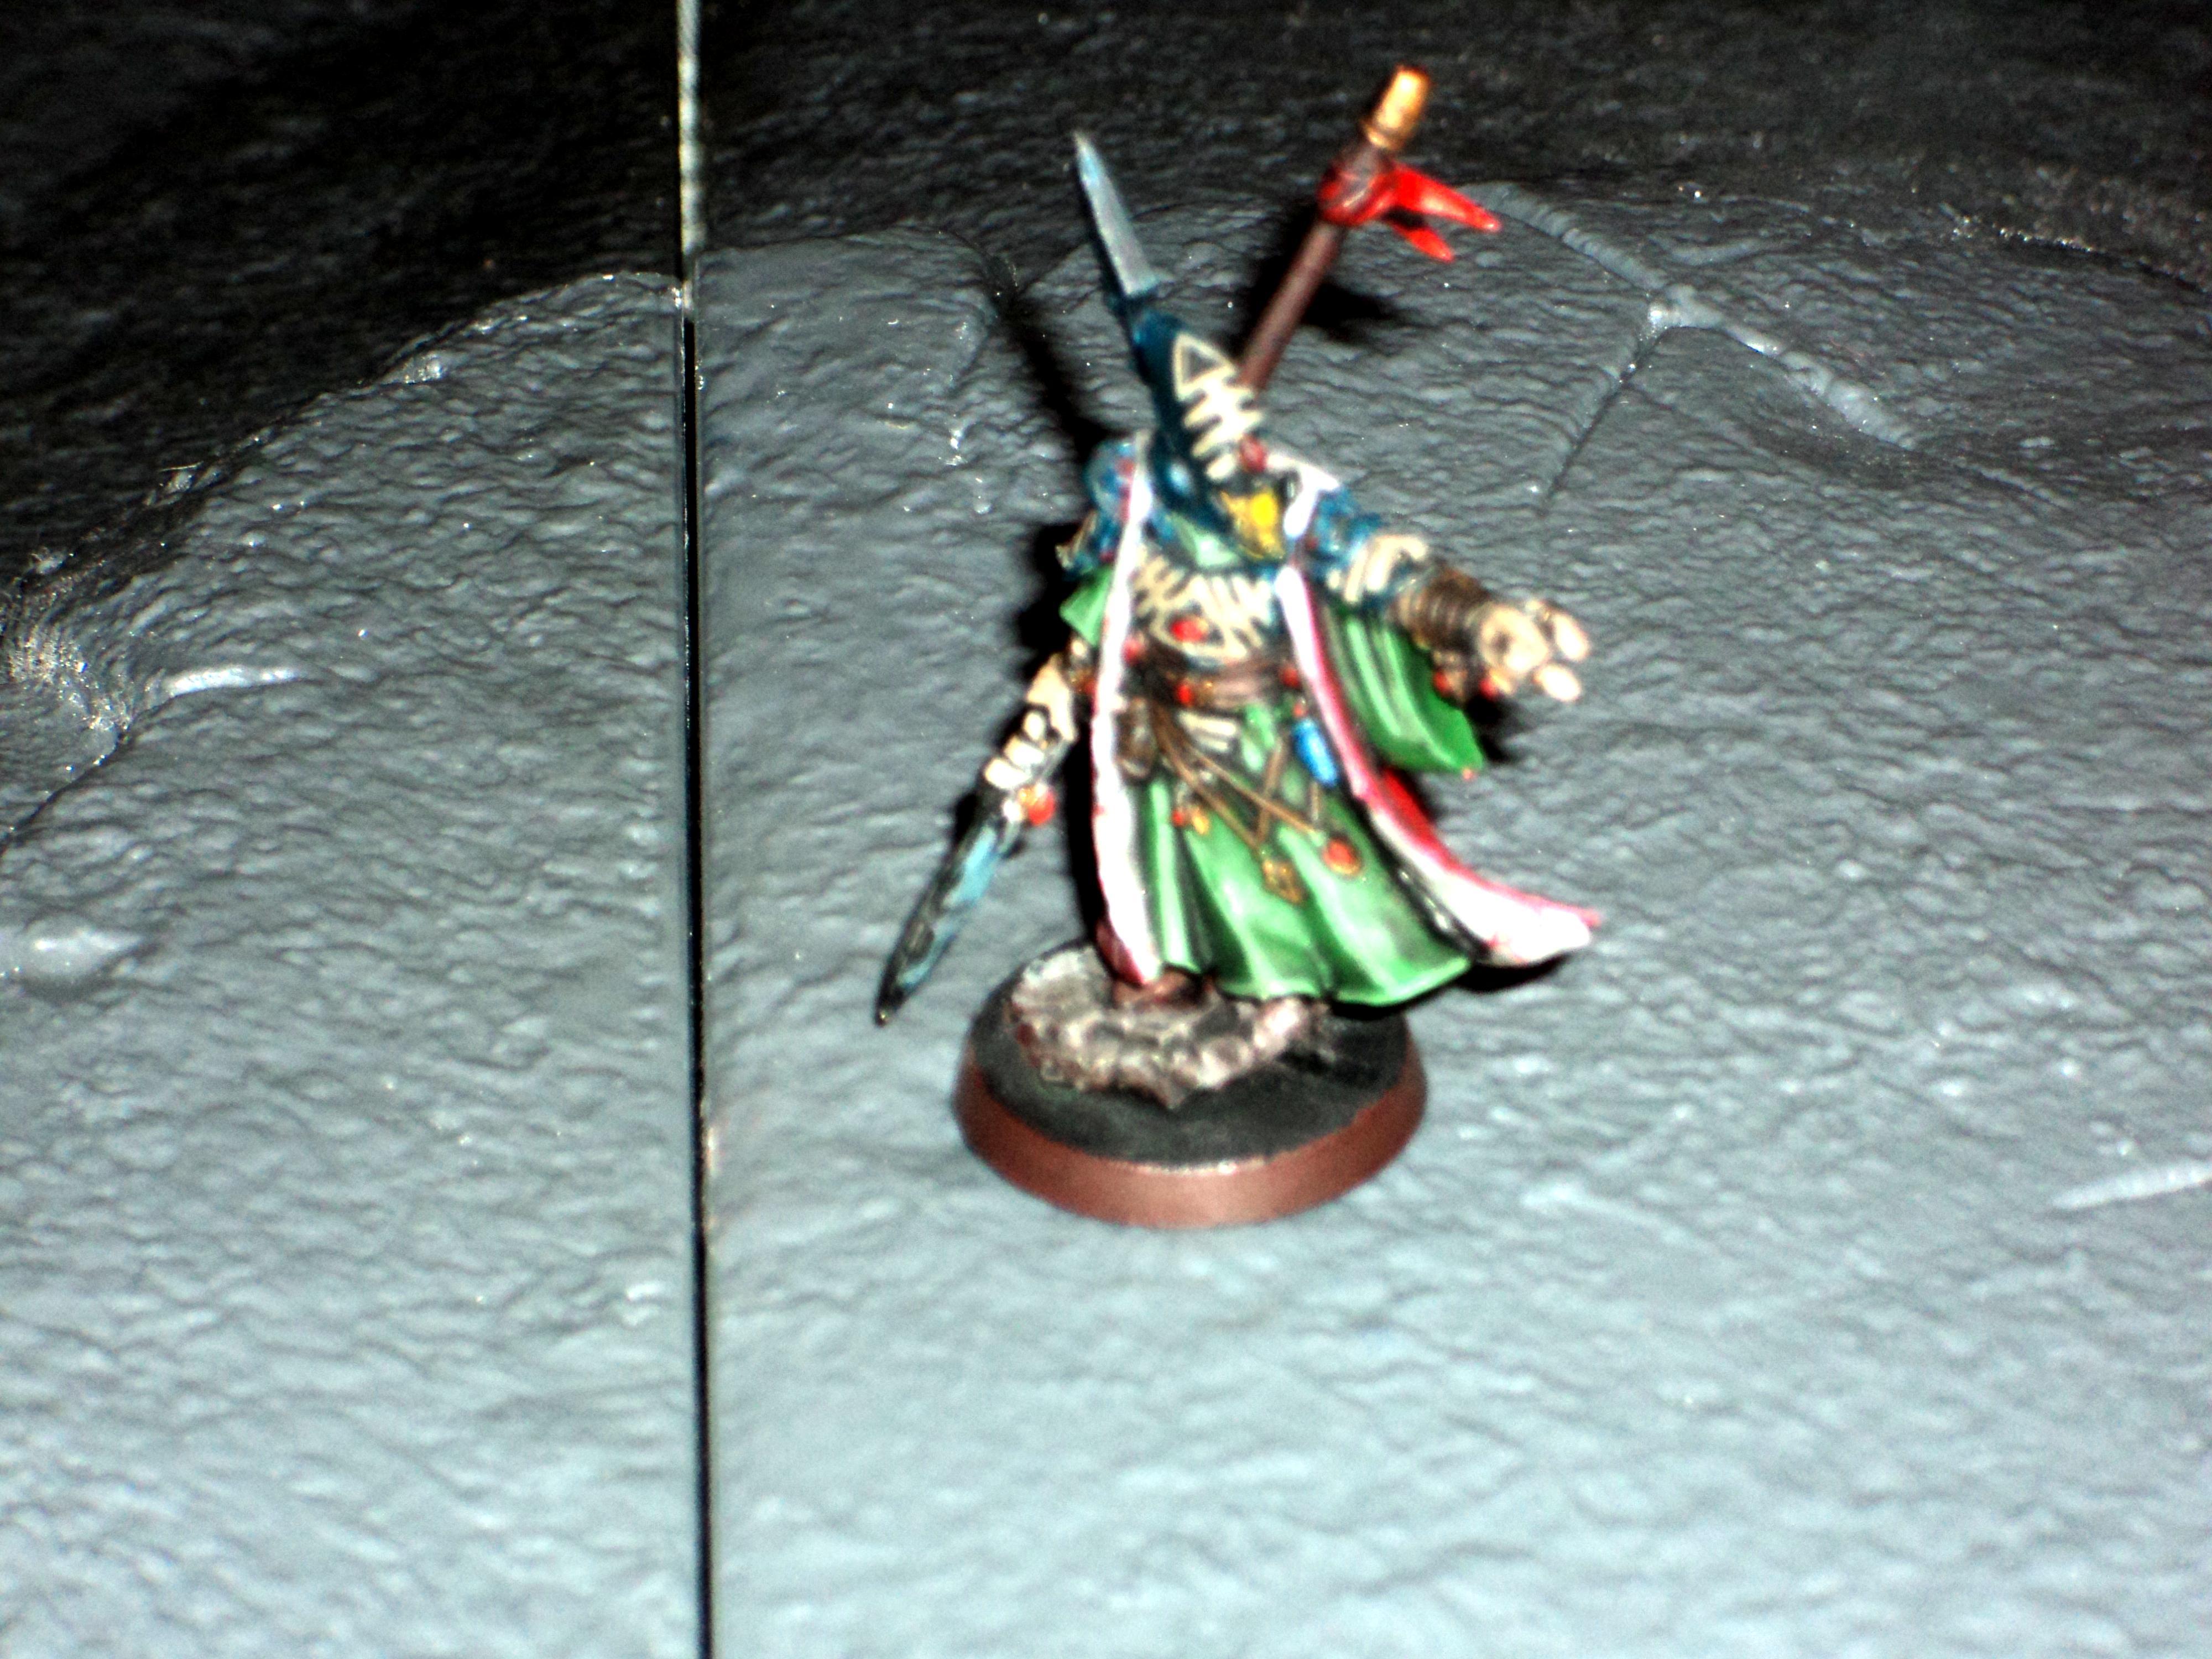 Alaitoc, Blurred Photo, Eldar, Farseer, Warhammer 40,000